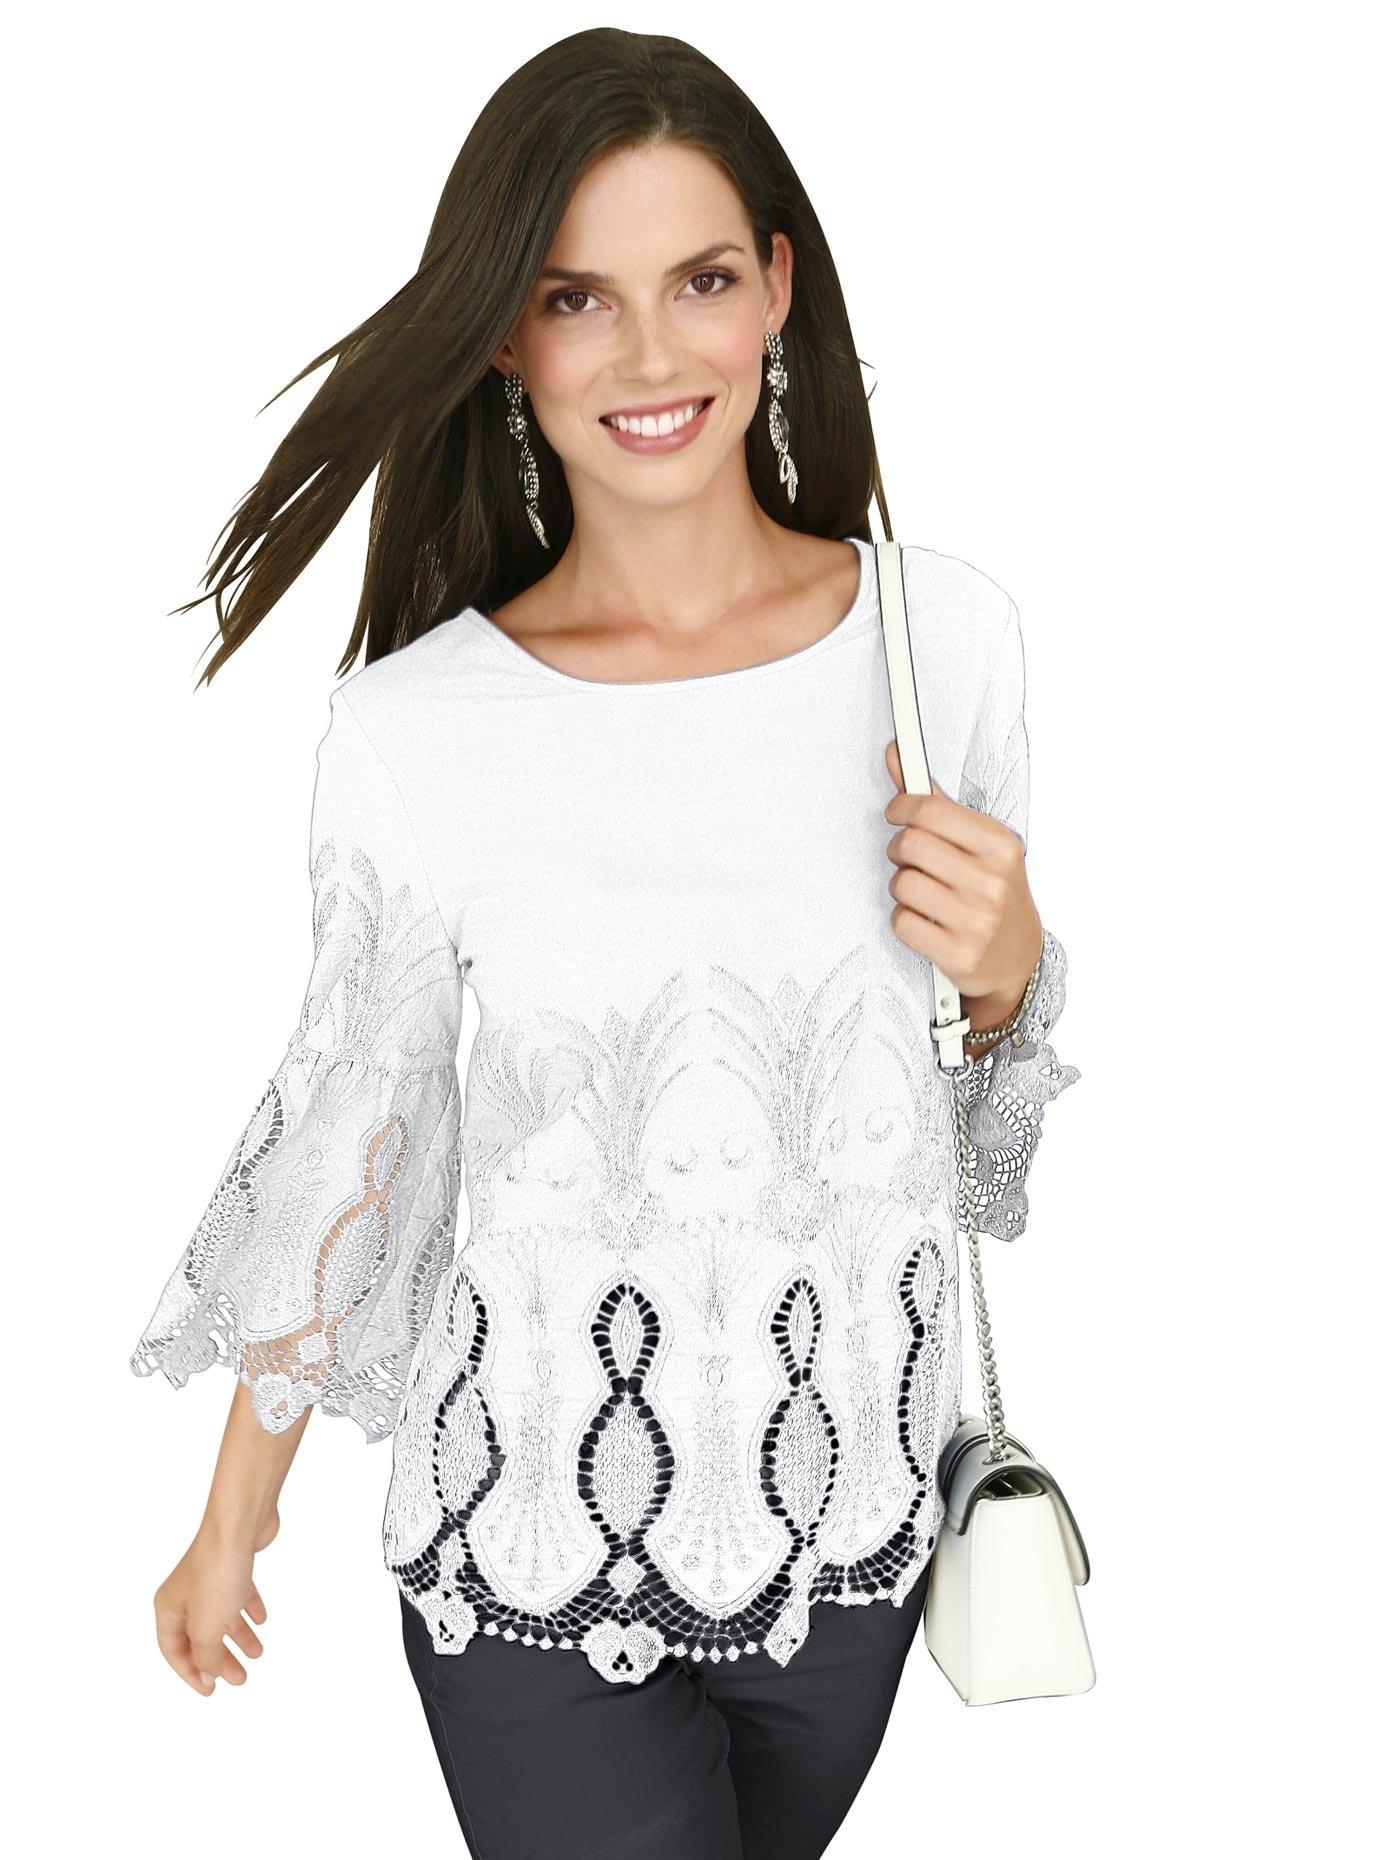 Alessa W. blouse zonder sluiting voordelig en veilig online kopen